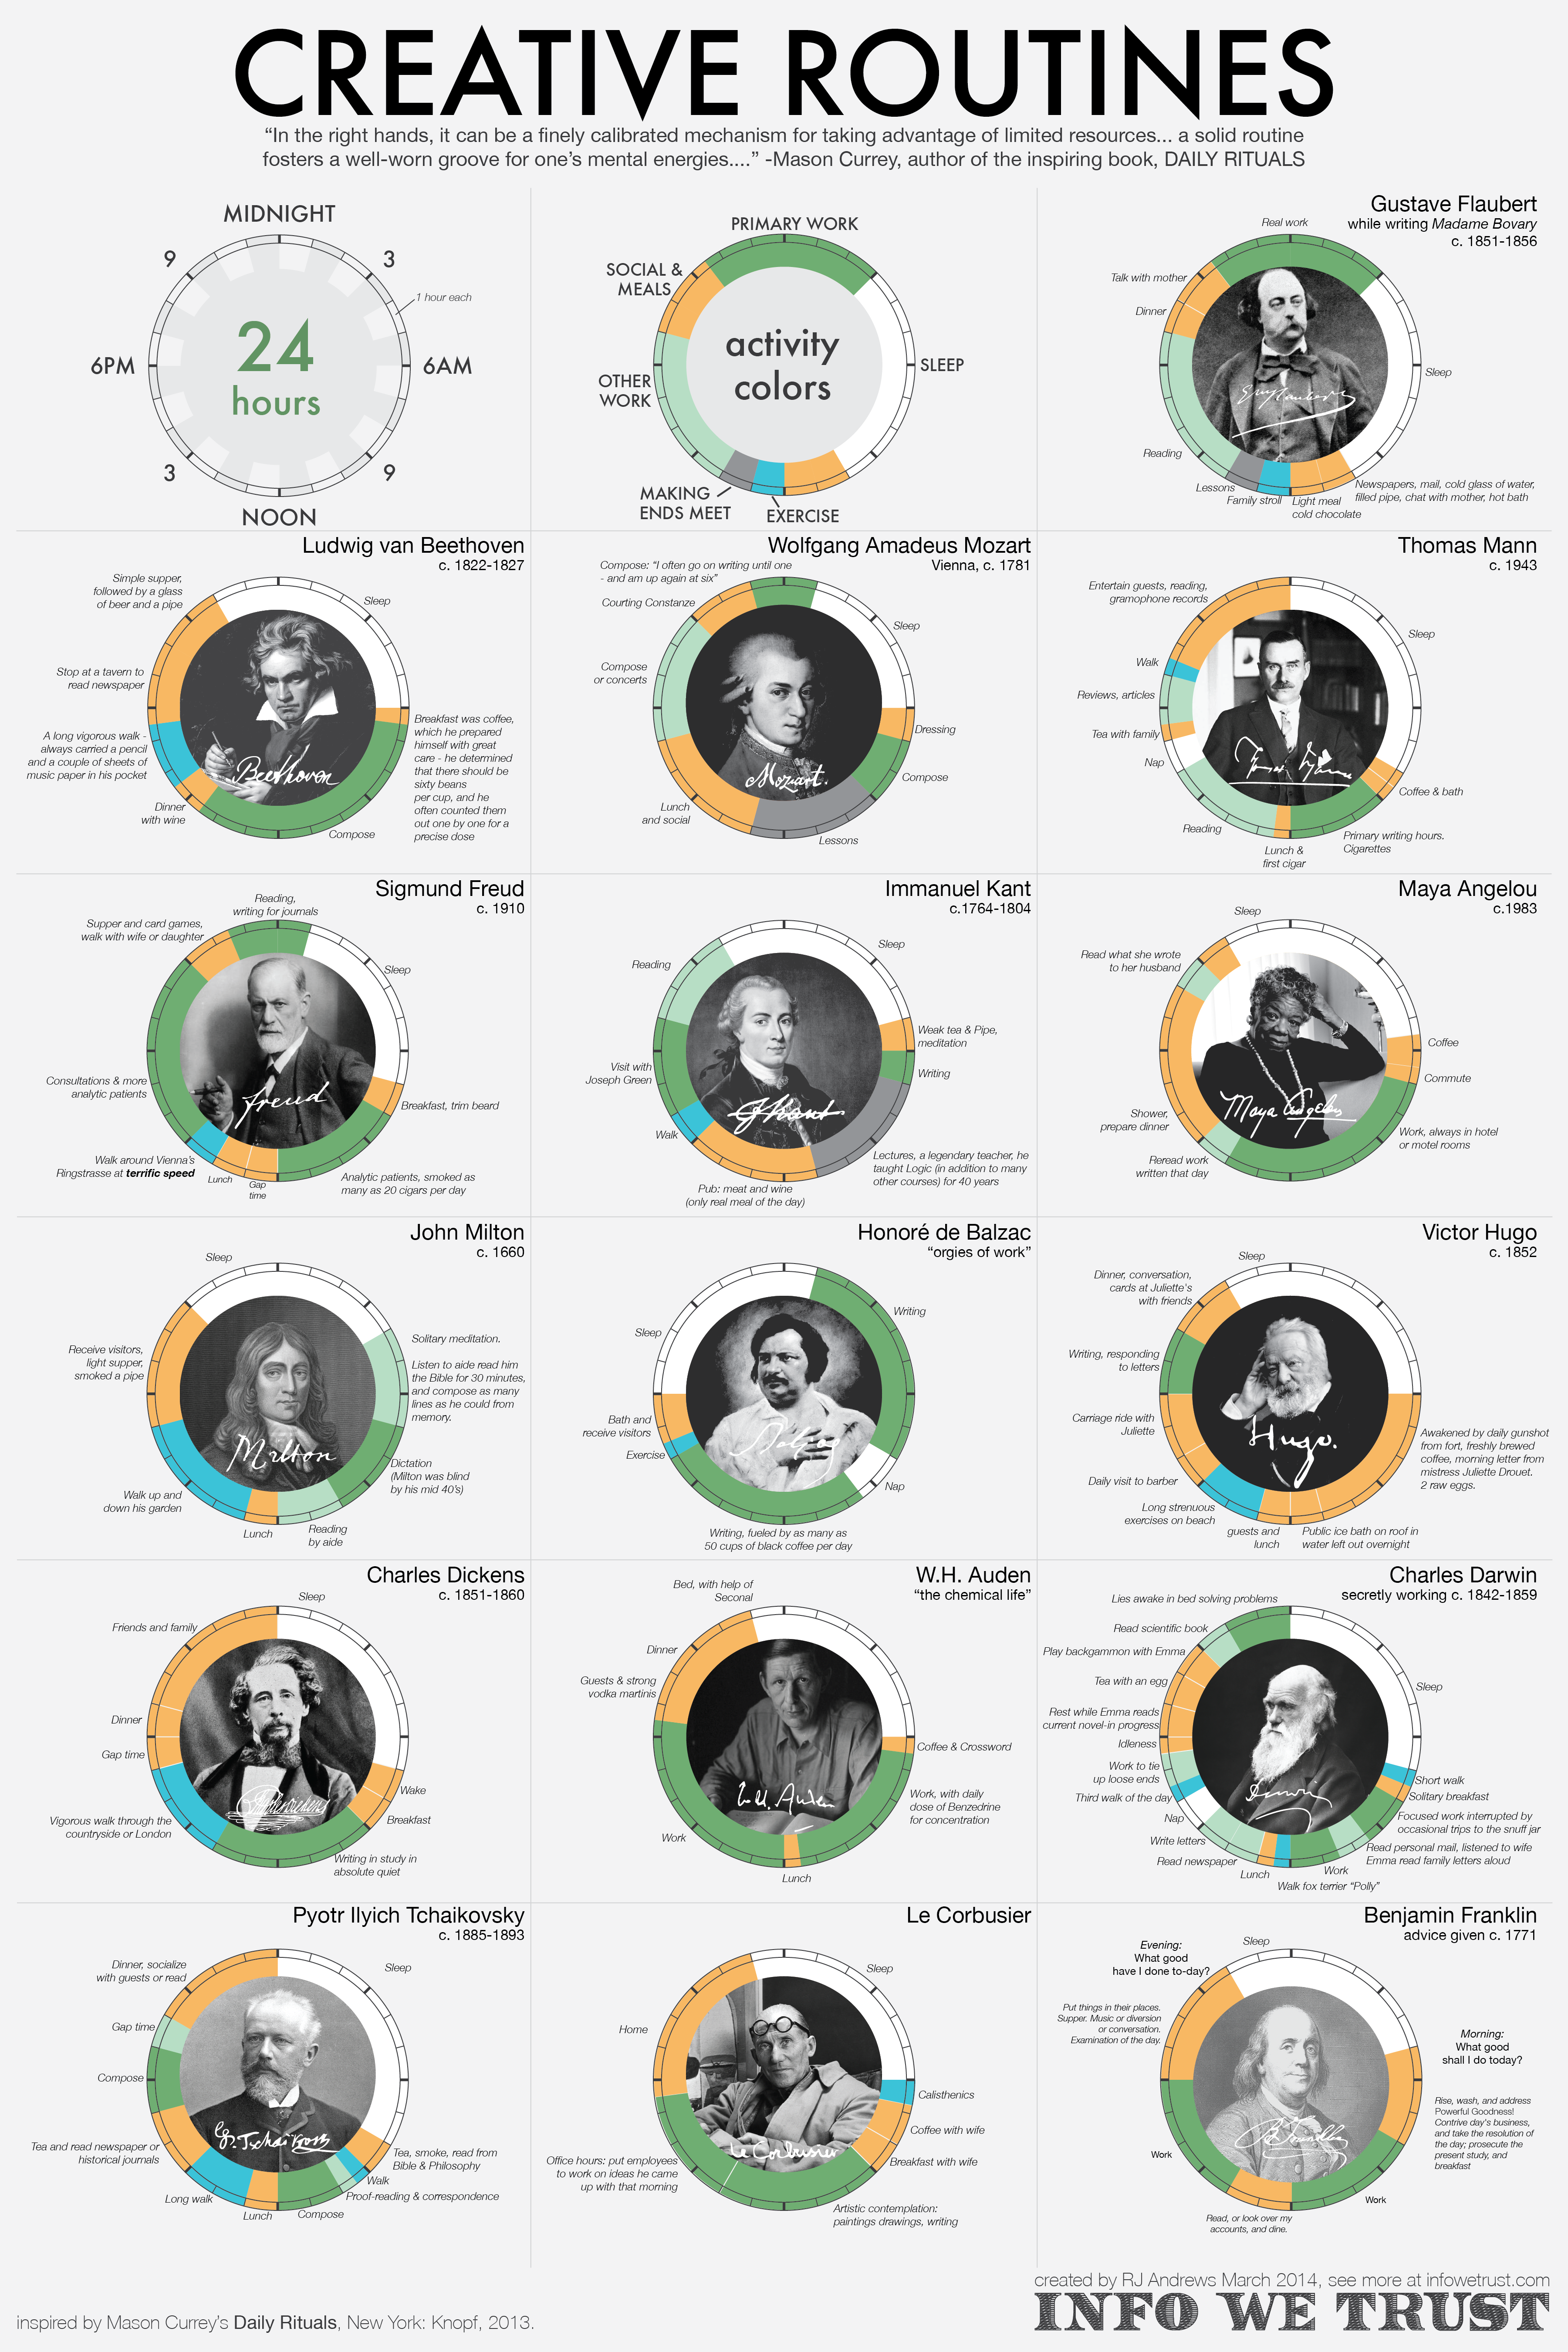 Las rutinas diarias de los genios creativos